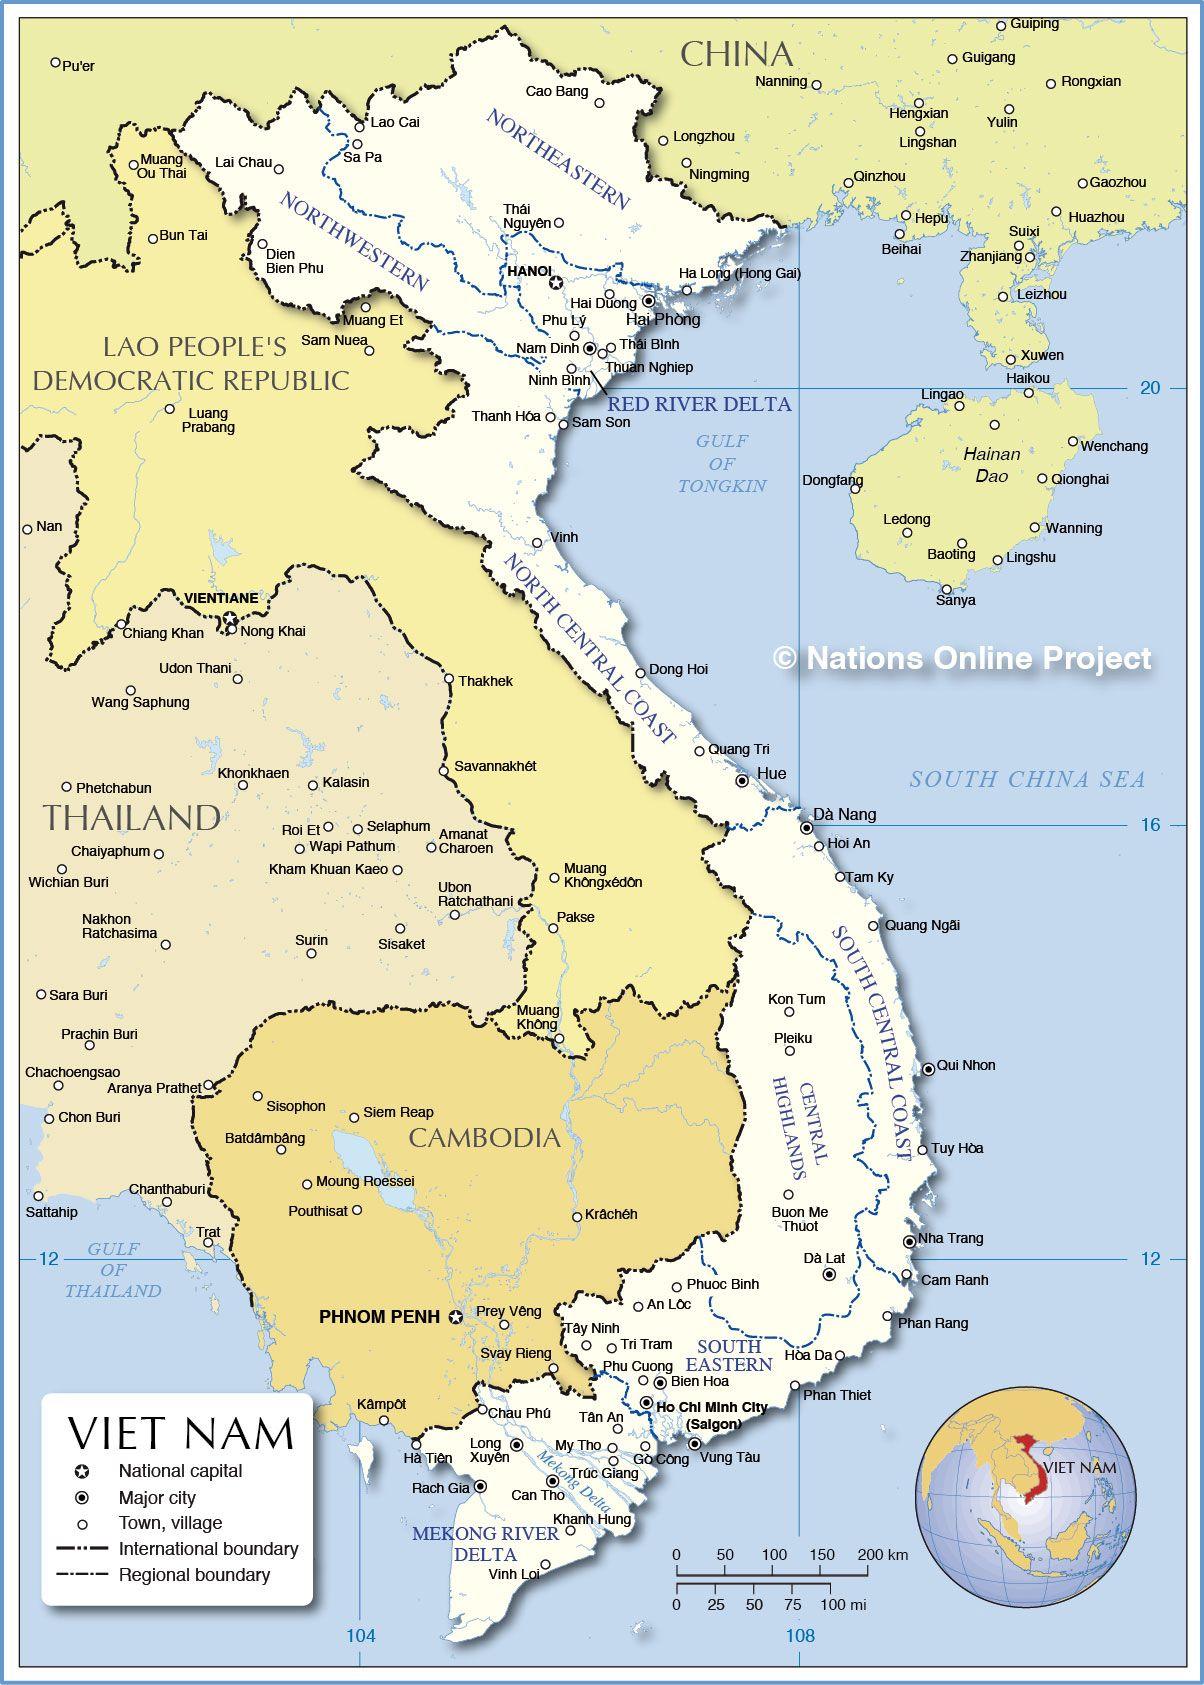 Map Of Vietnam Vietnam Pinterest South Vietnam And Vietnam - Rivers of vietnam map